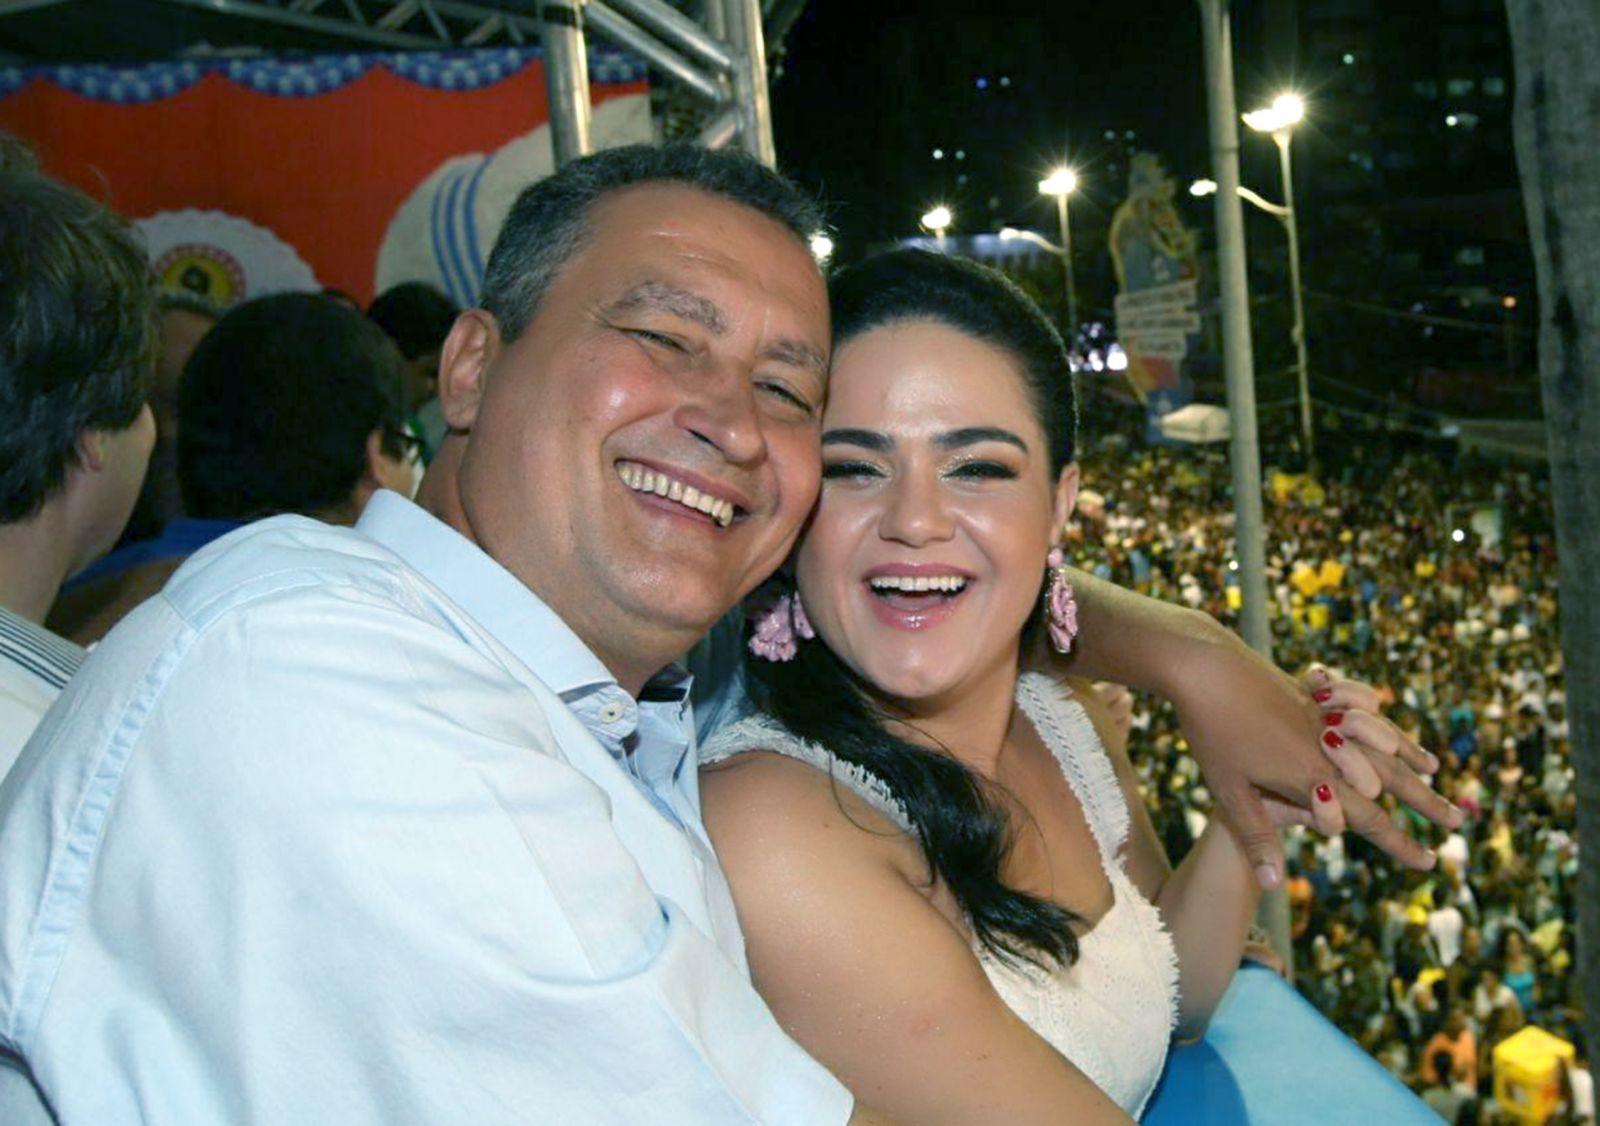 Governador Rui Costa e sua esposa Aline assistindo o carnaval 2018 de perto